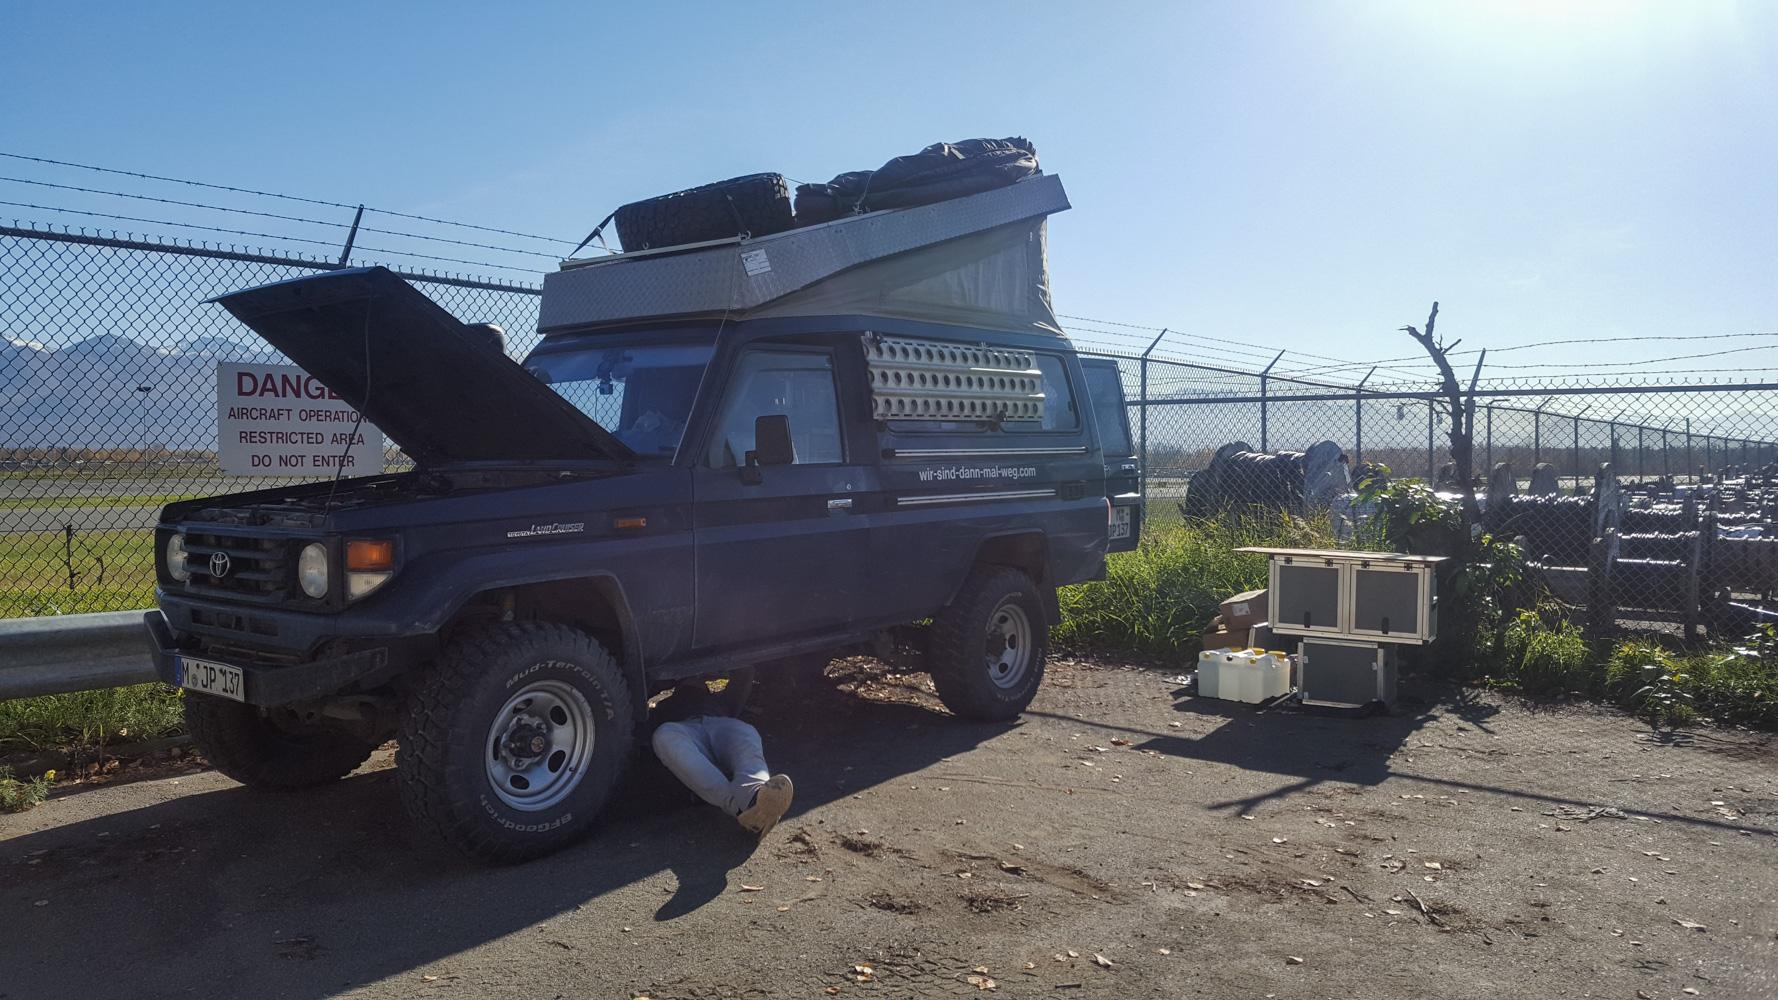 Anchorage und eine Diesel Standheizung